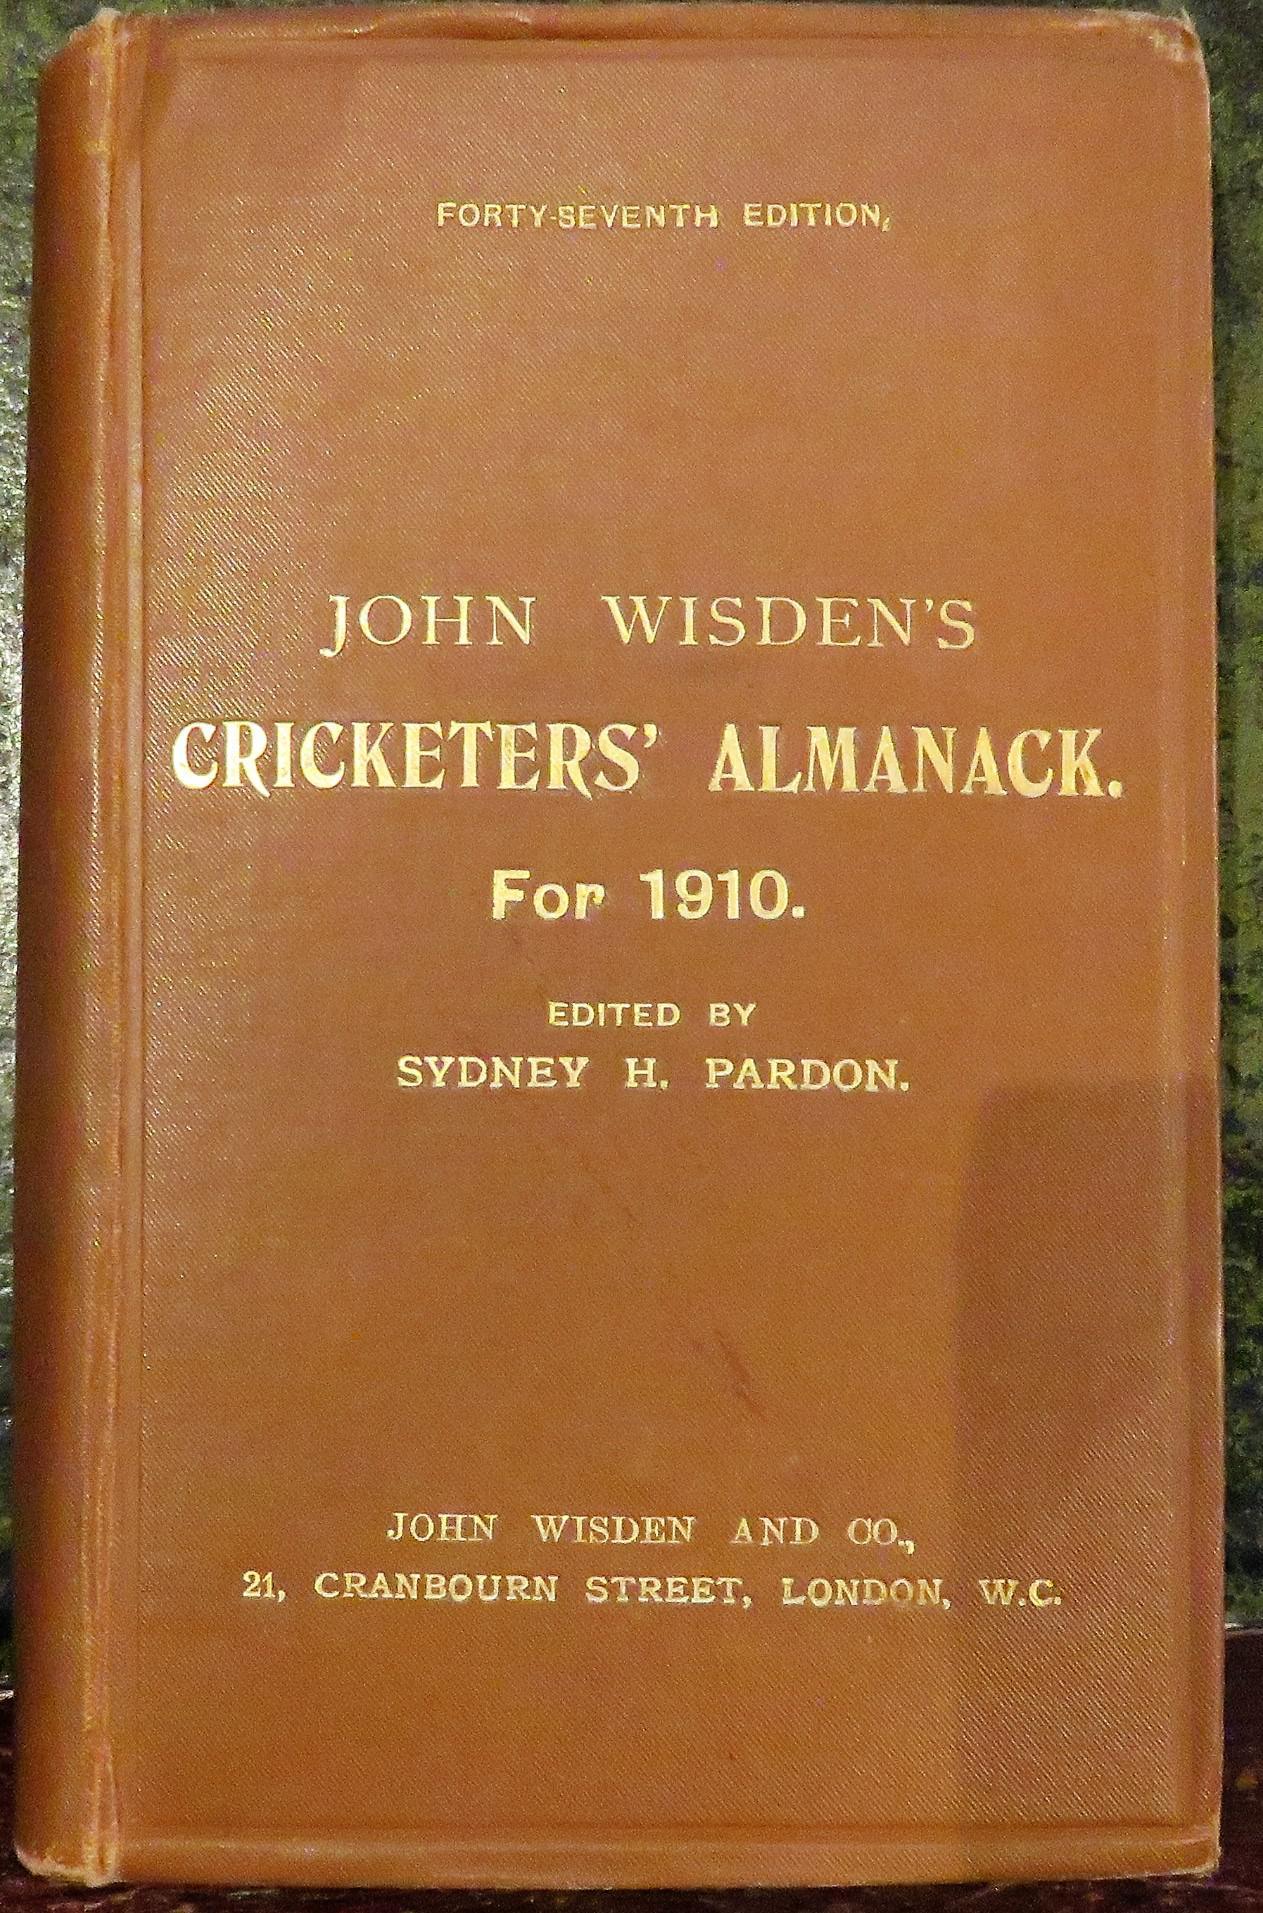 **John Wisden's Cricketers' Almanack For 1910**